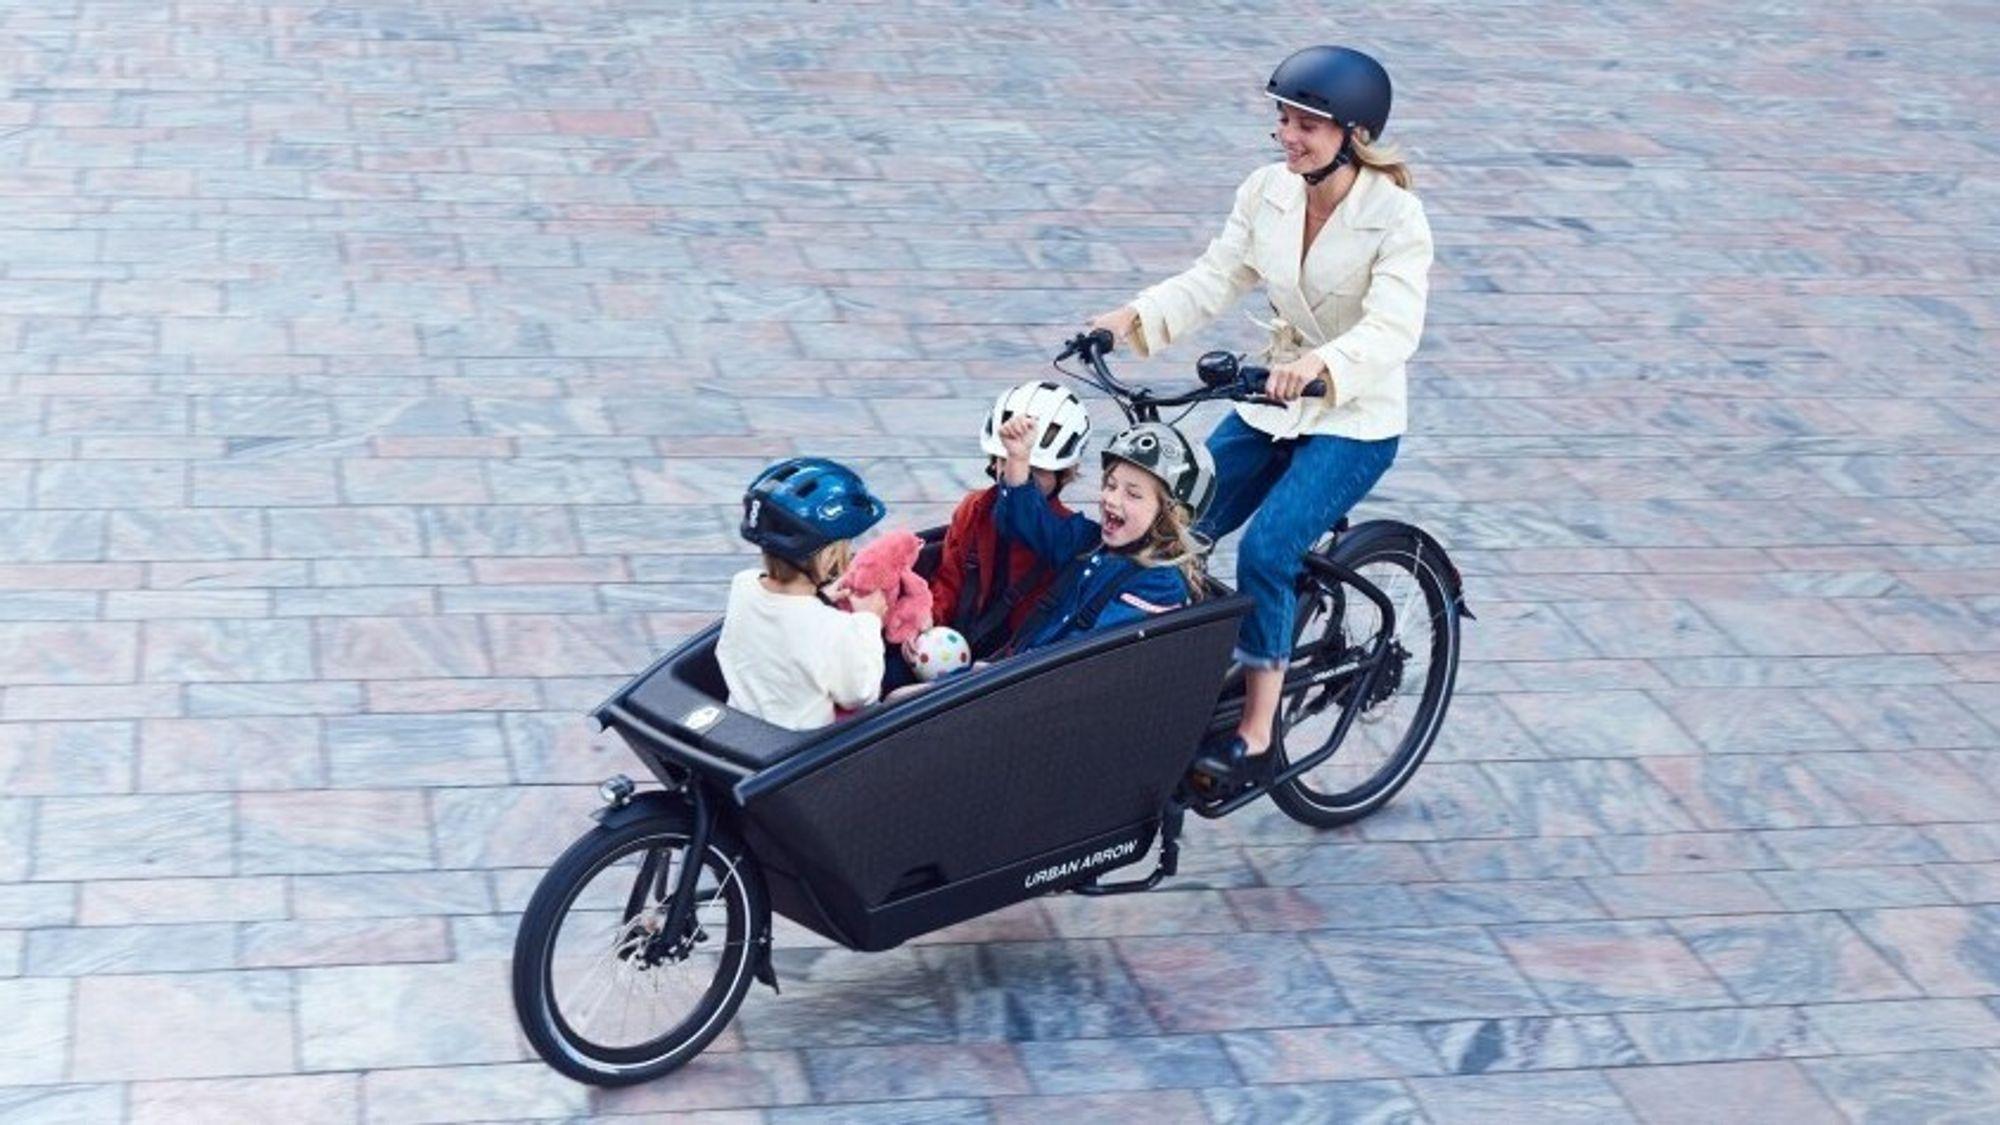 Familiesykler er en av de viktigste underkategoriene for elektriske lastesykler. Denne kommer fra Urban Arrow.